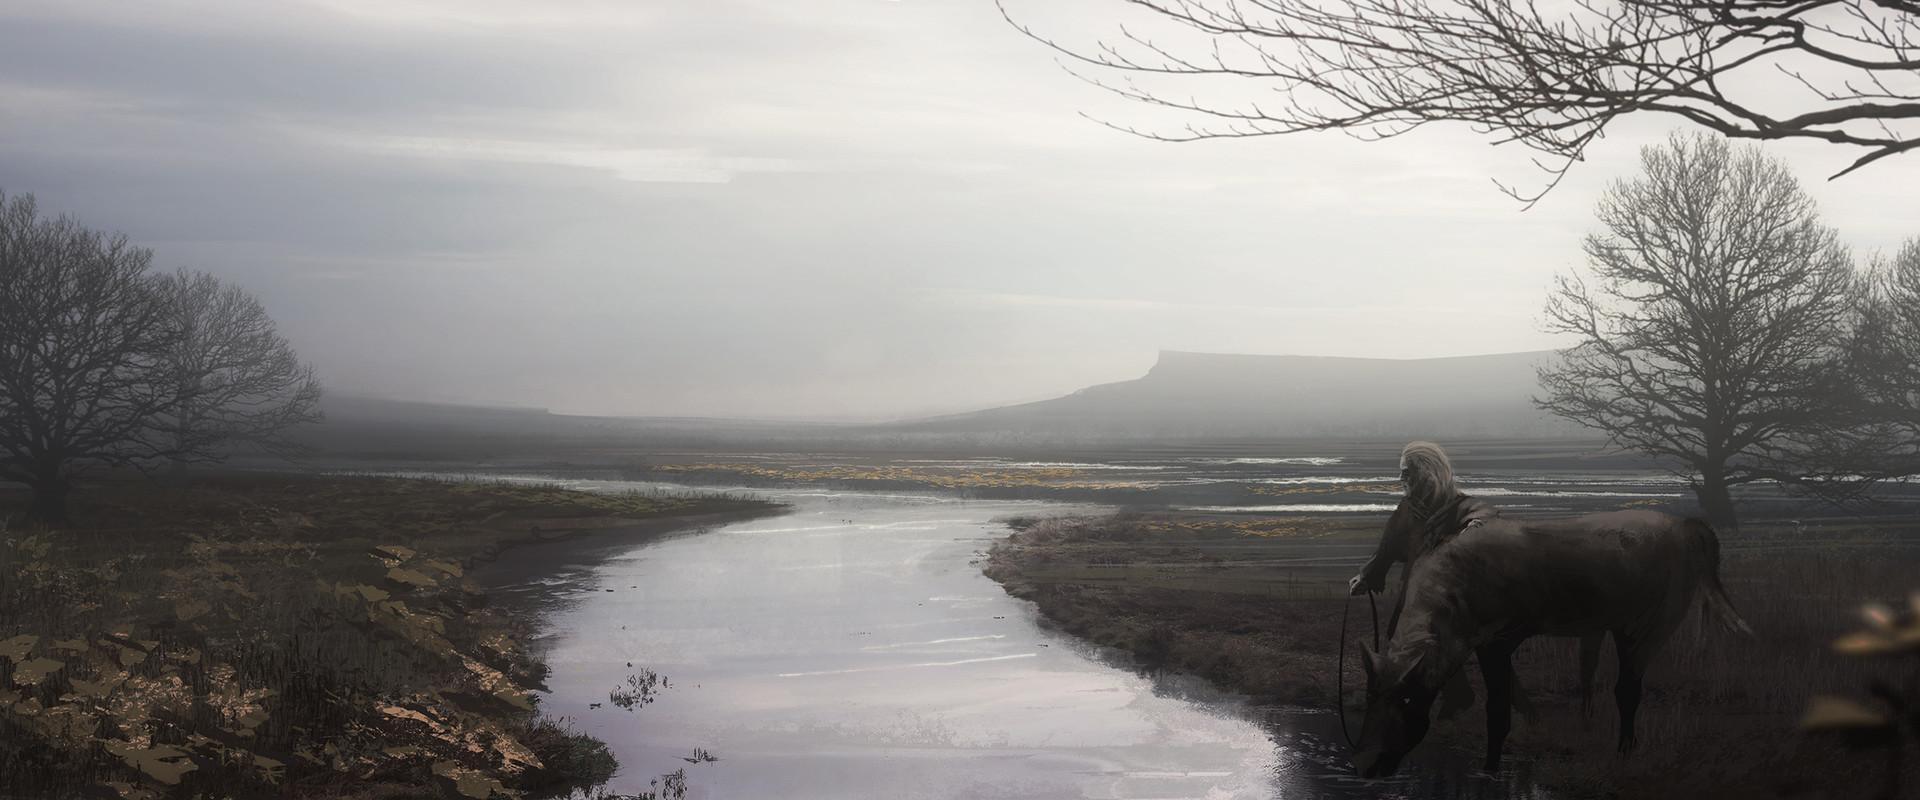 Jack stevens marshlands